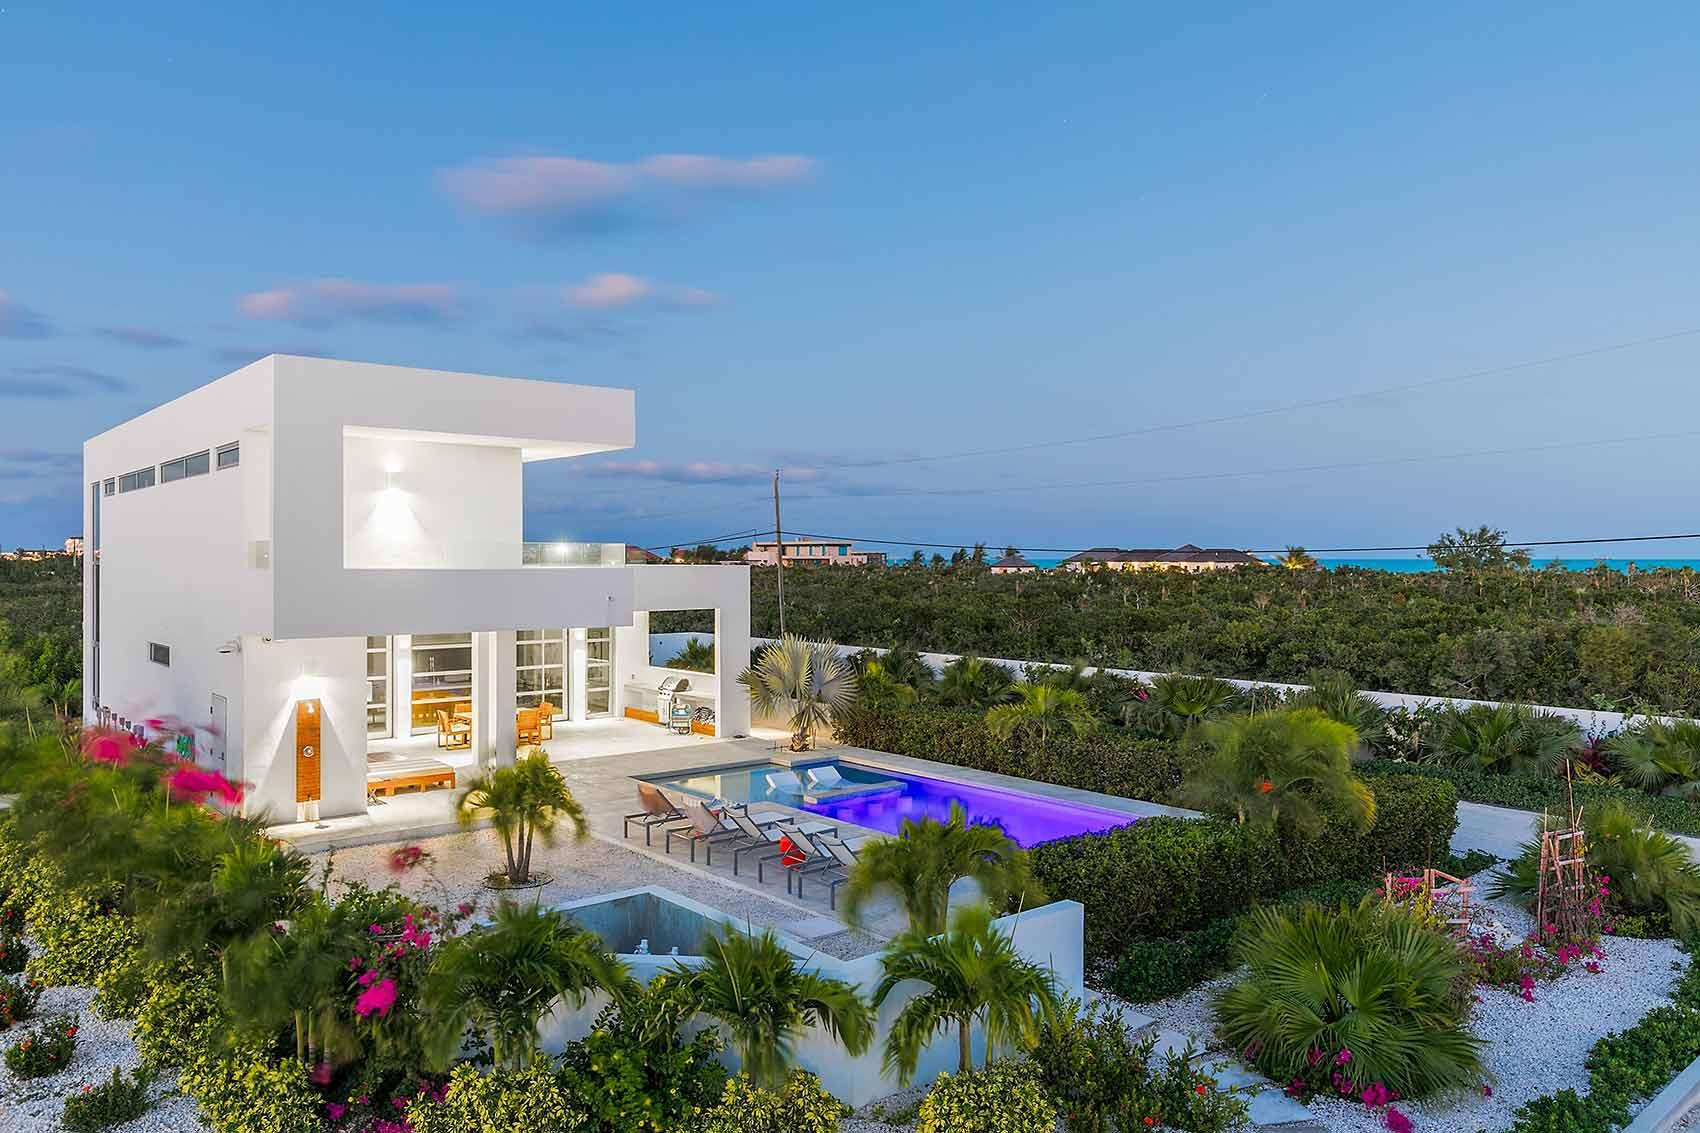 luxury villa rental landscape